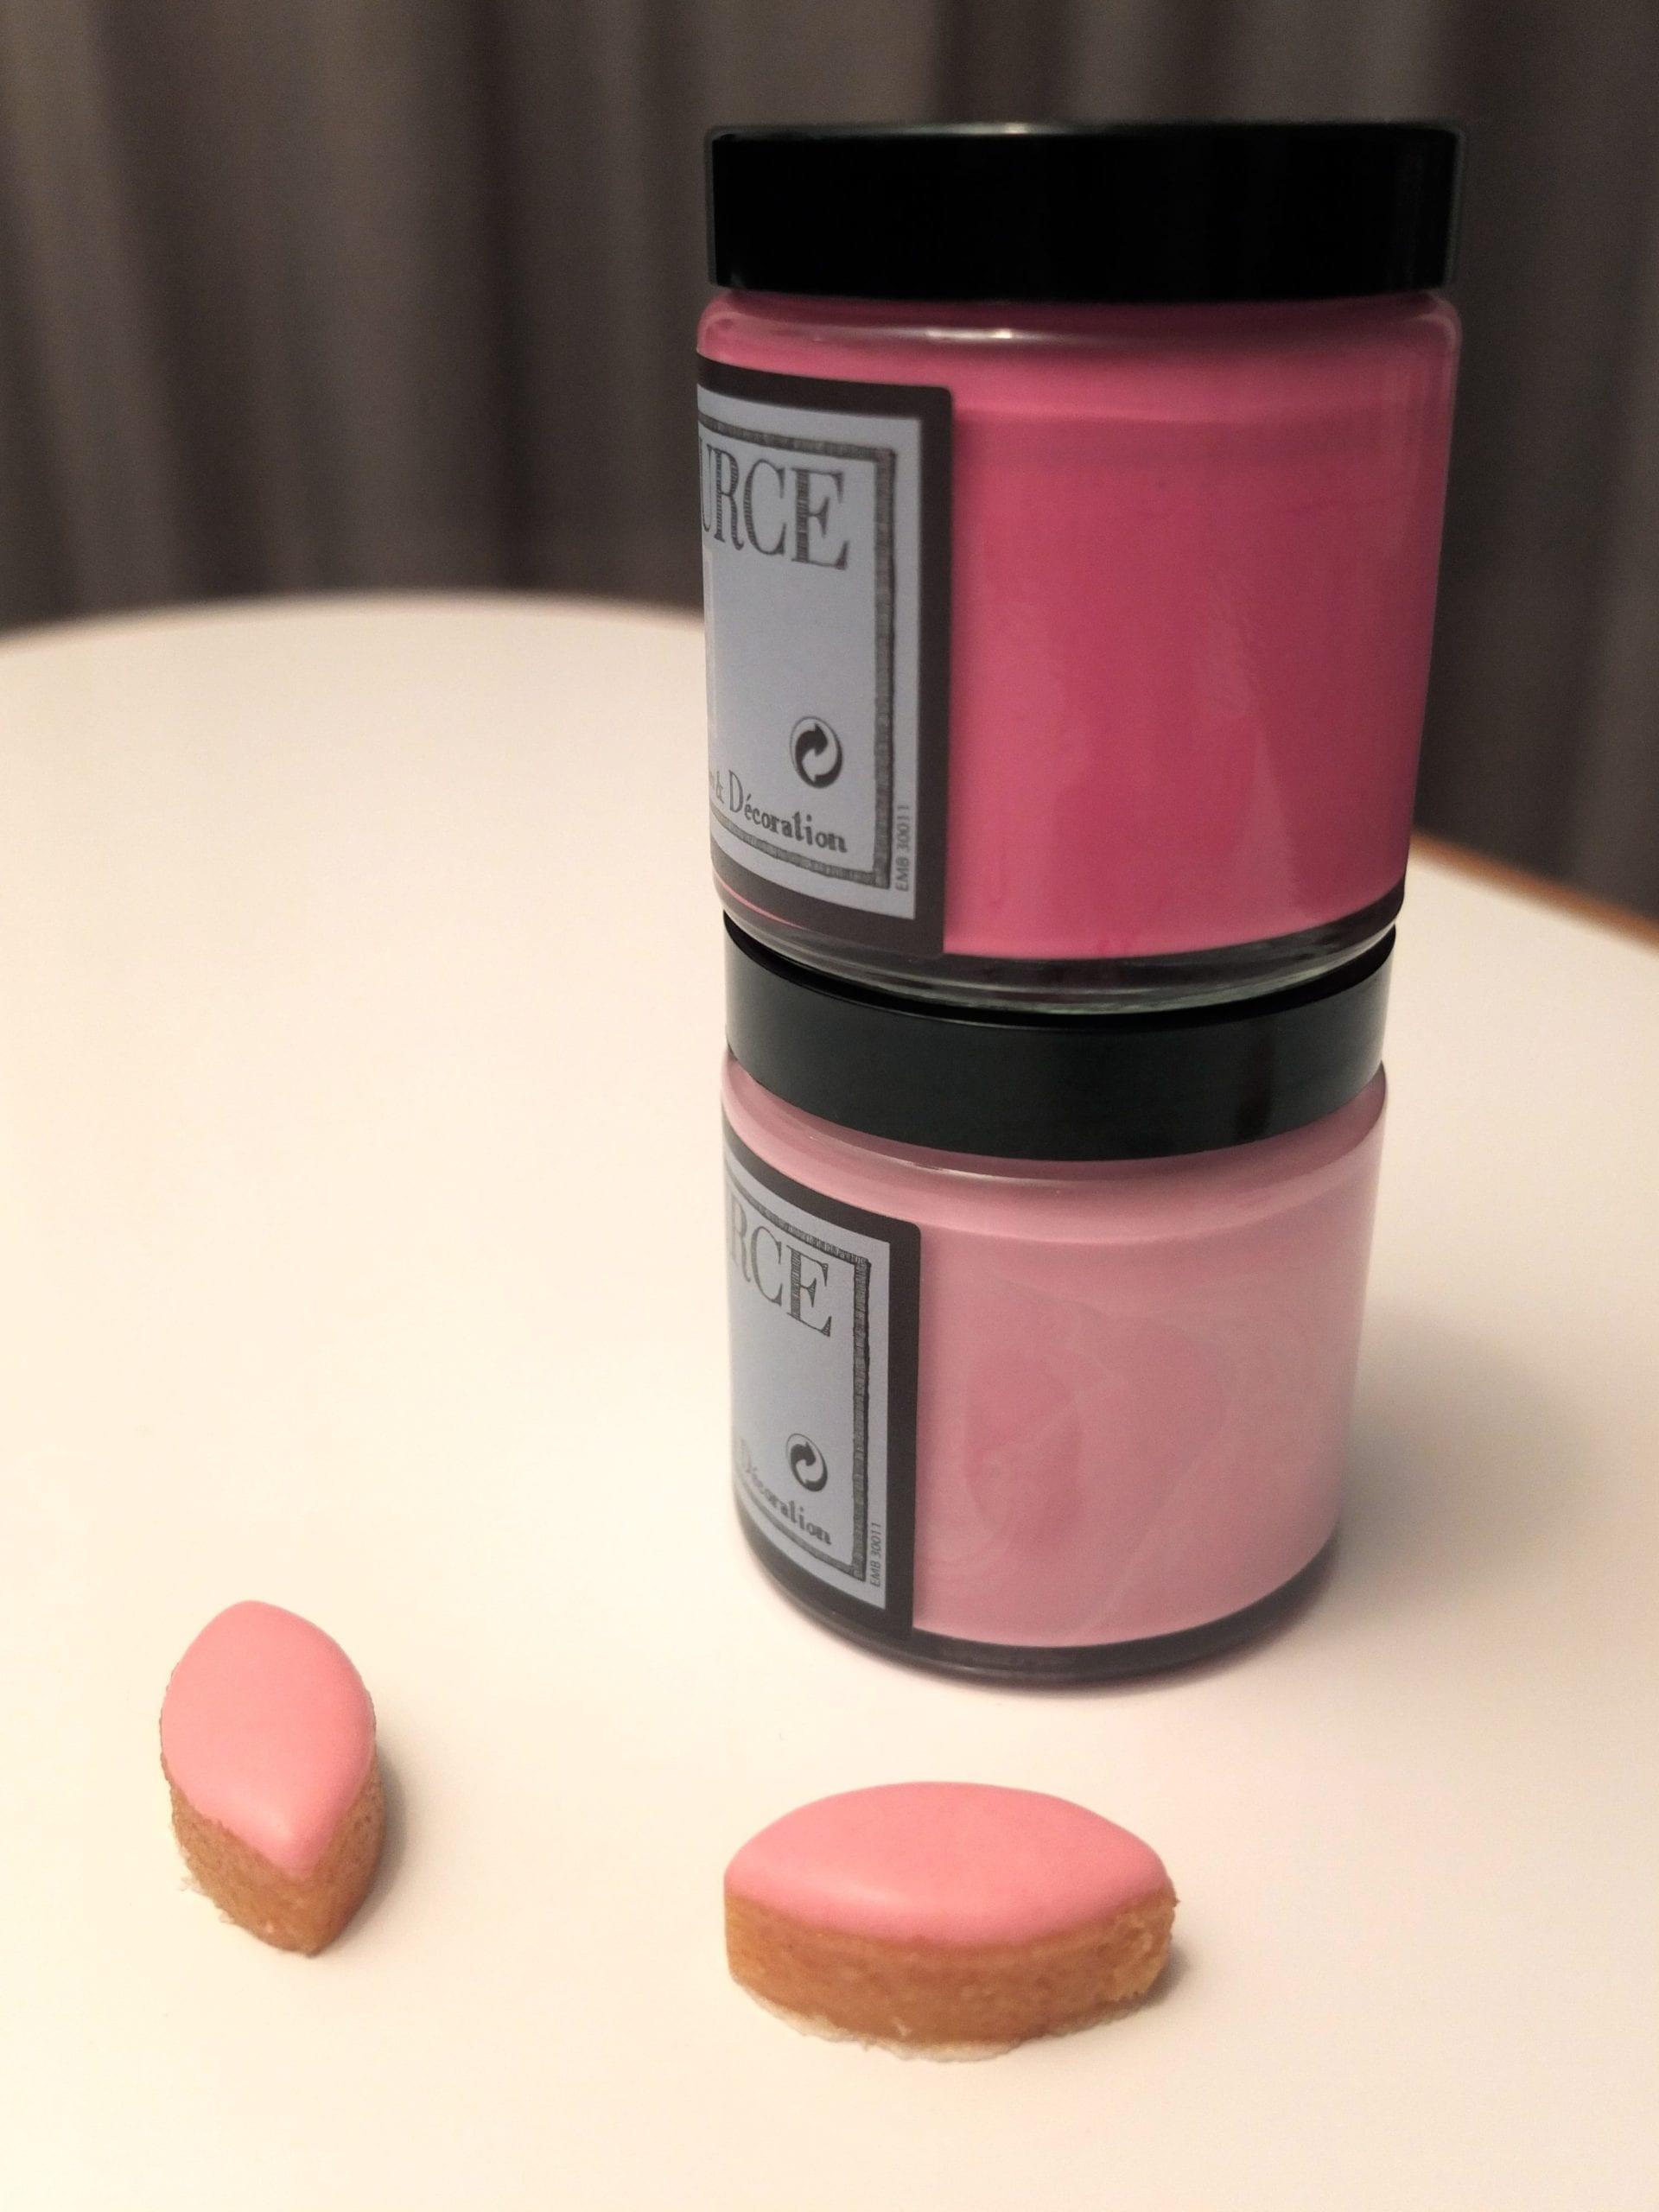 Peinture rose fluo ressource bensimon mes petites - Peinture murale rose fluo ...